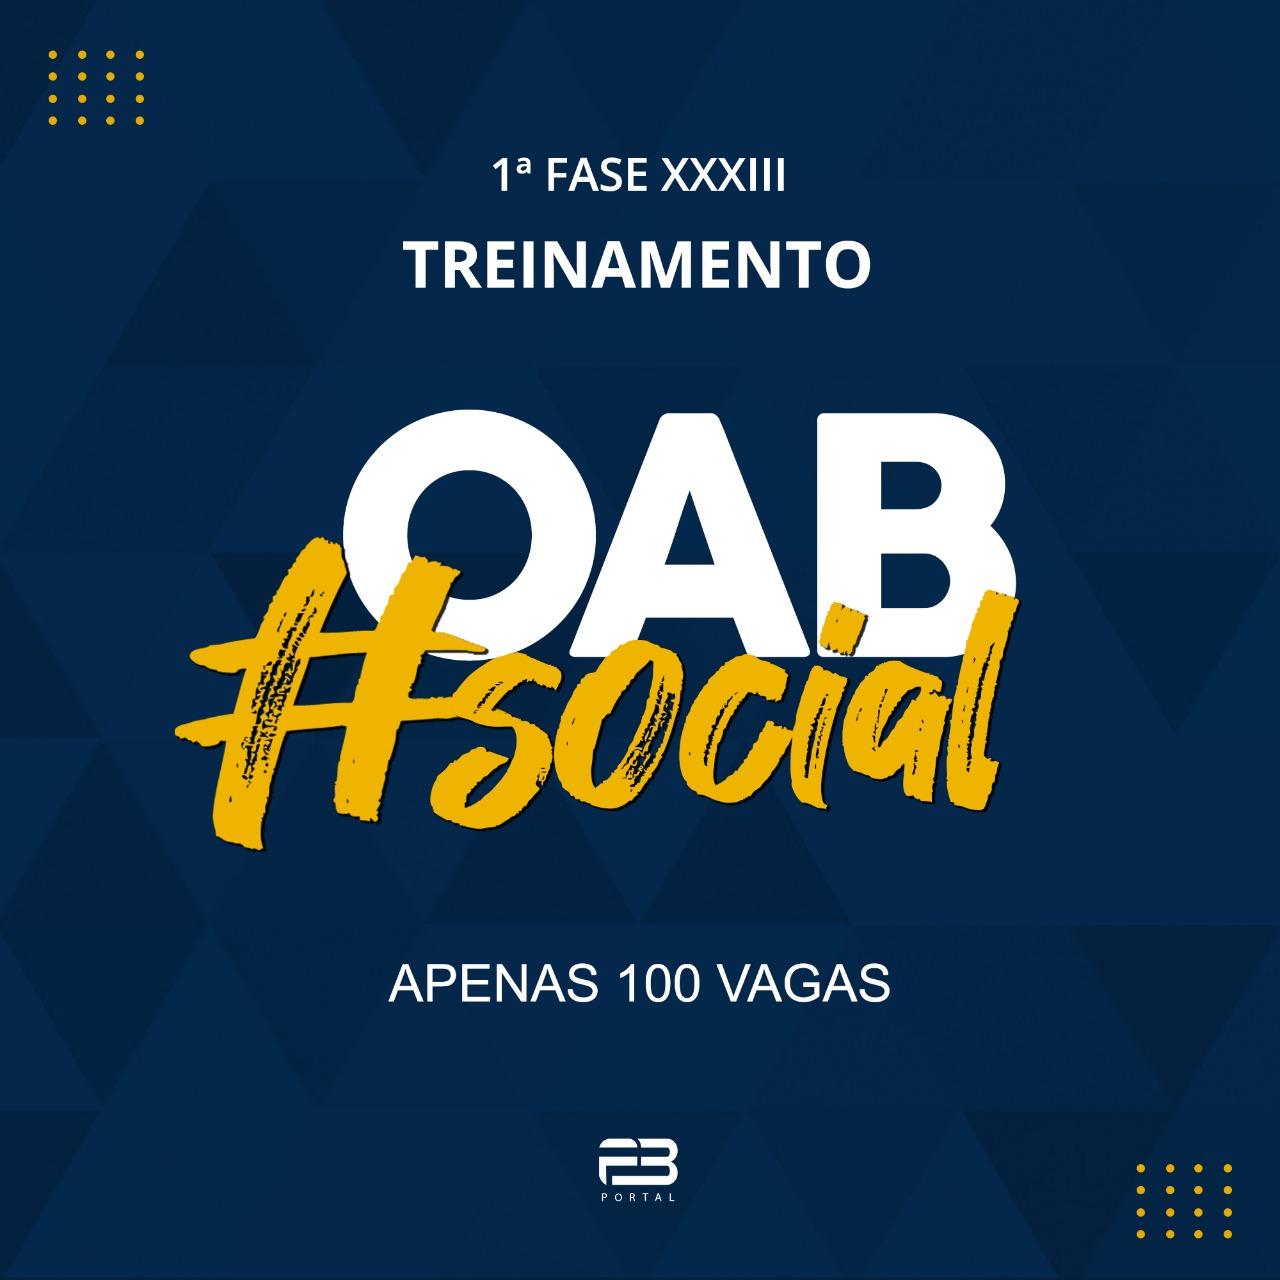 OAB SOCIAL - 1ª FASE EXAME XXXIII